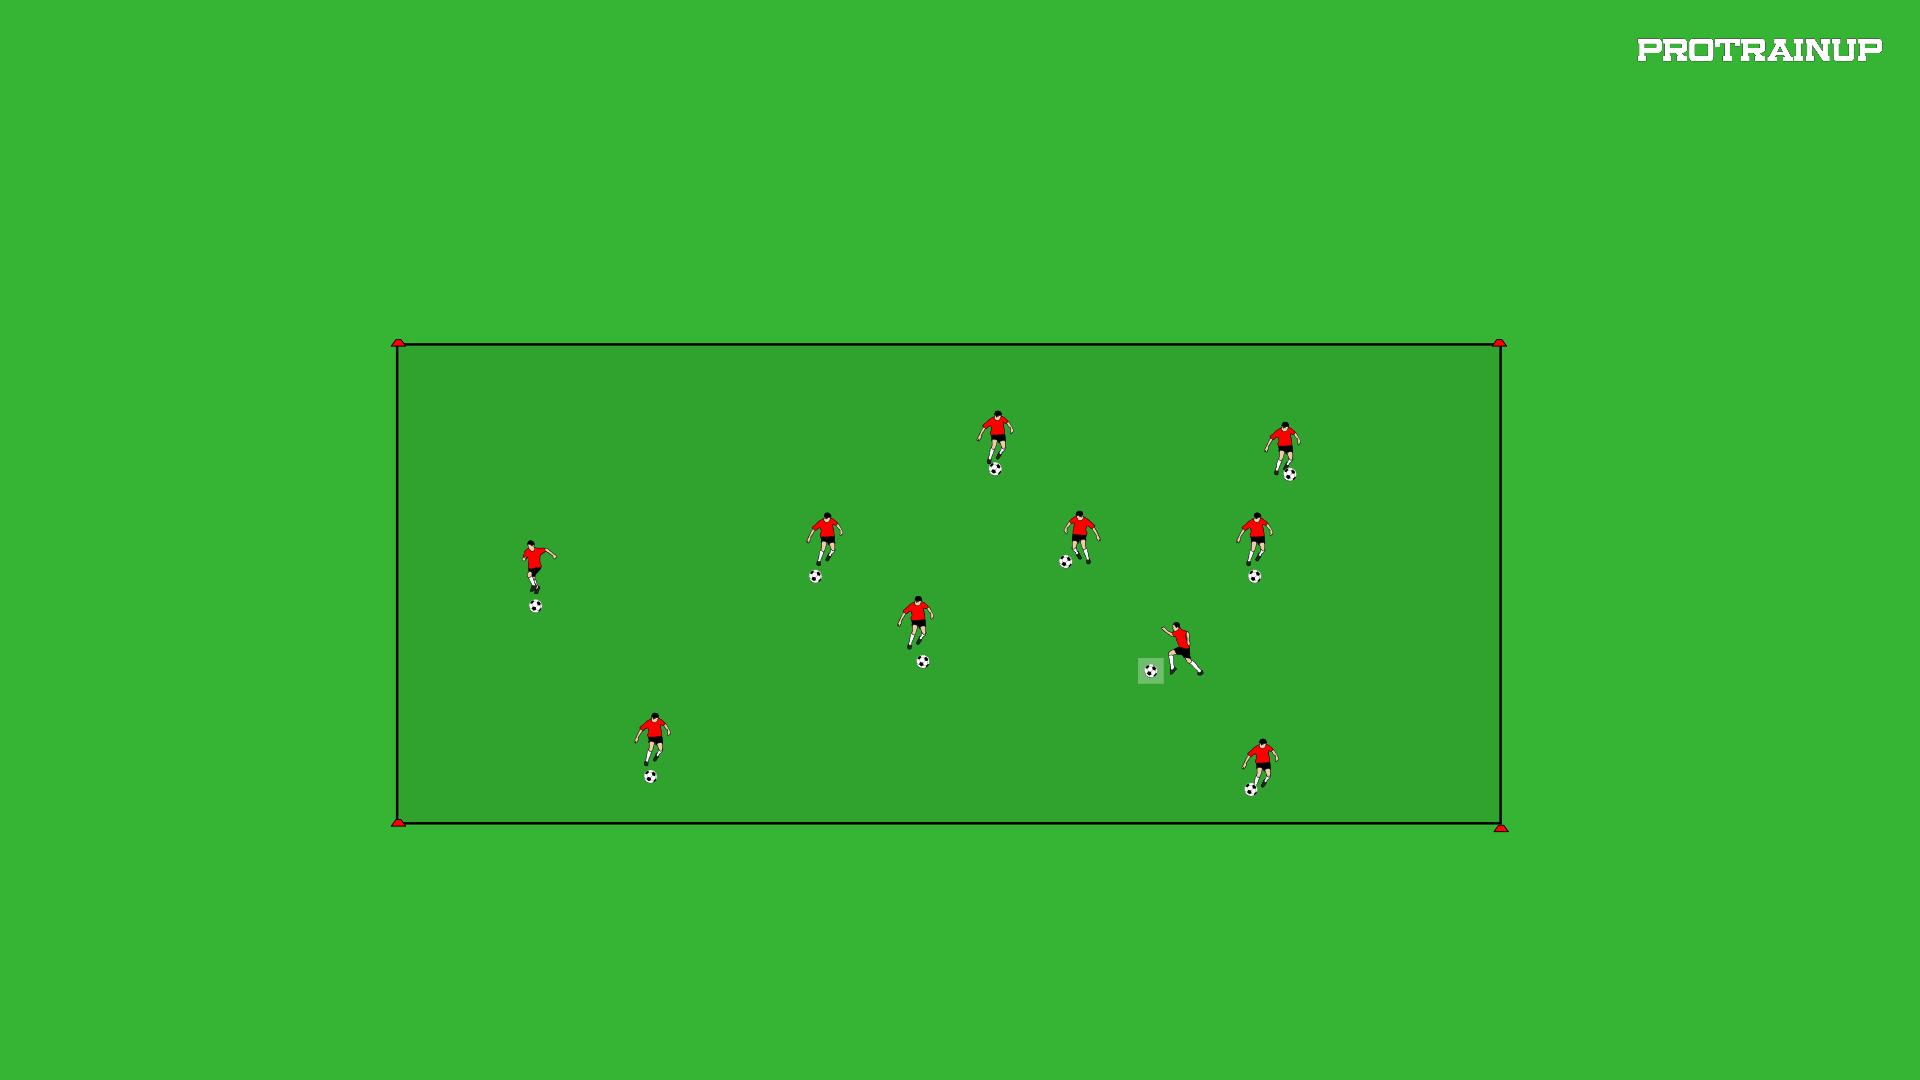 Prowadzenie piłki, zatrzymanie różnymi częściami ciała